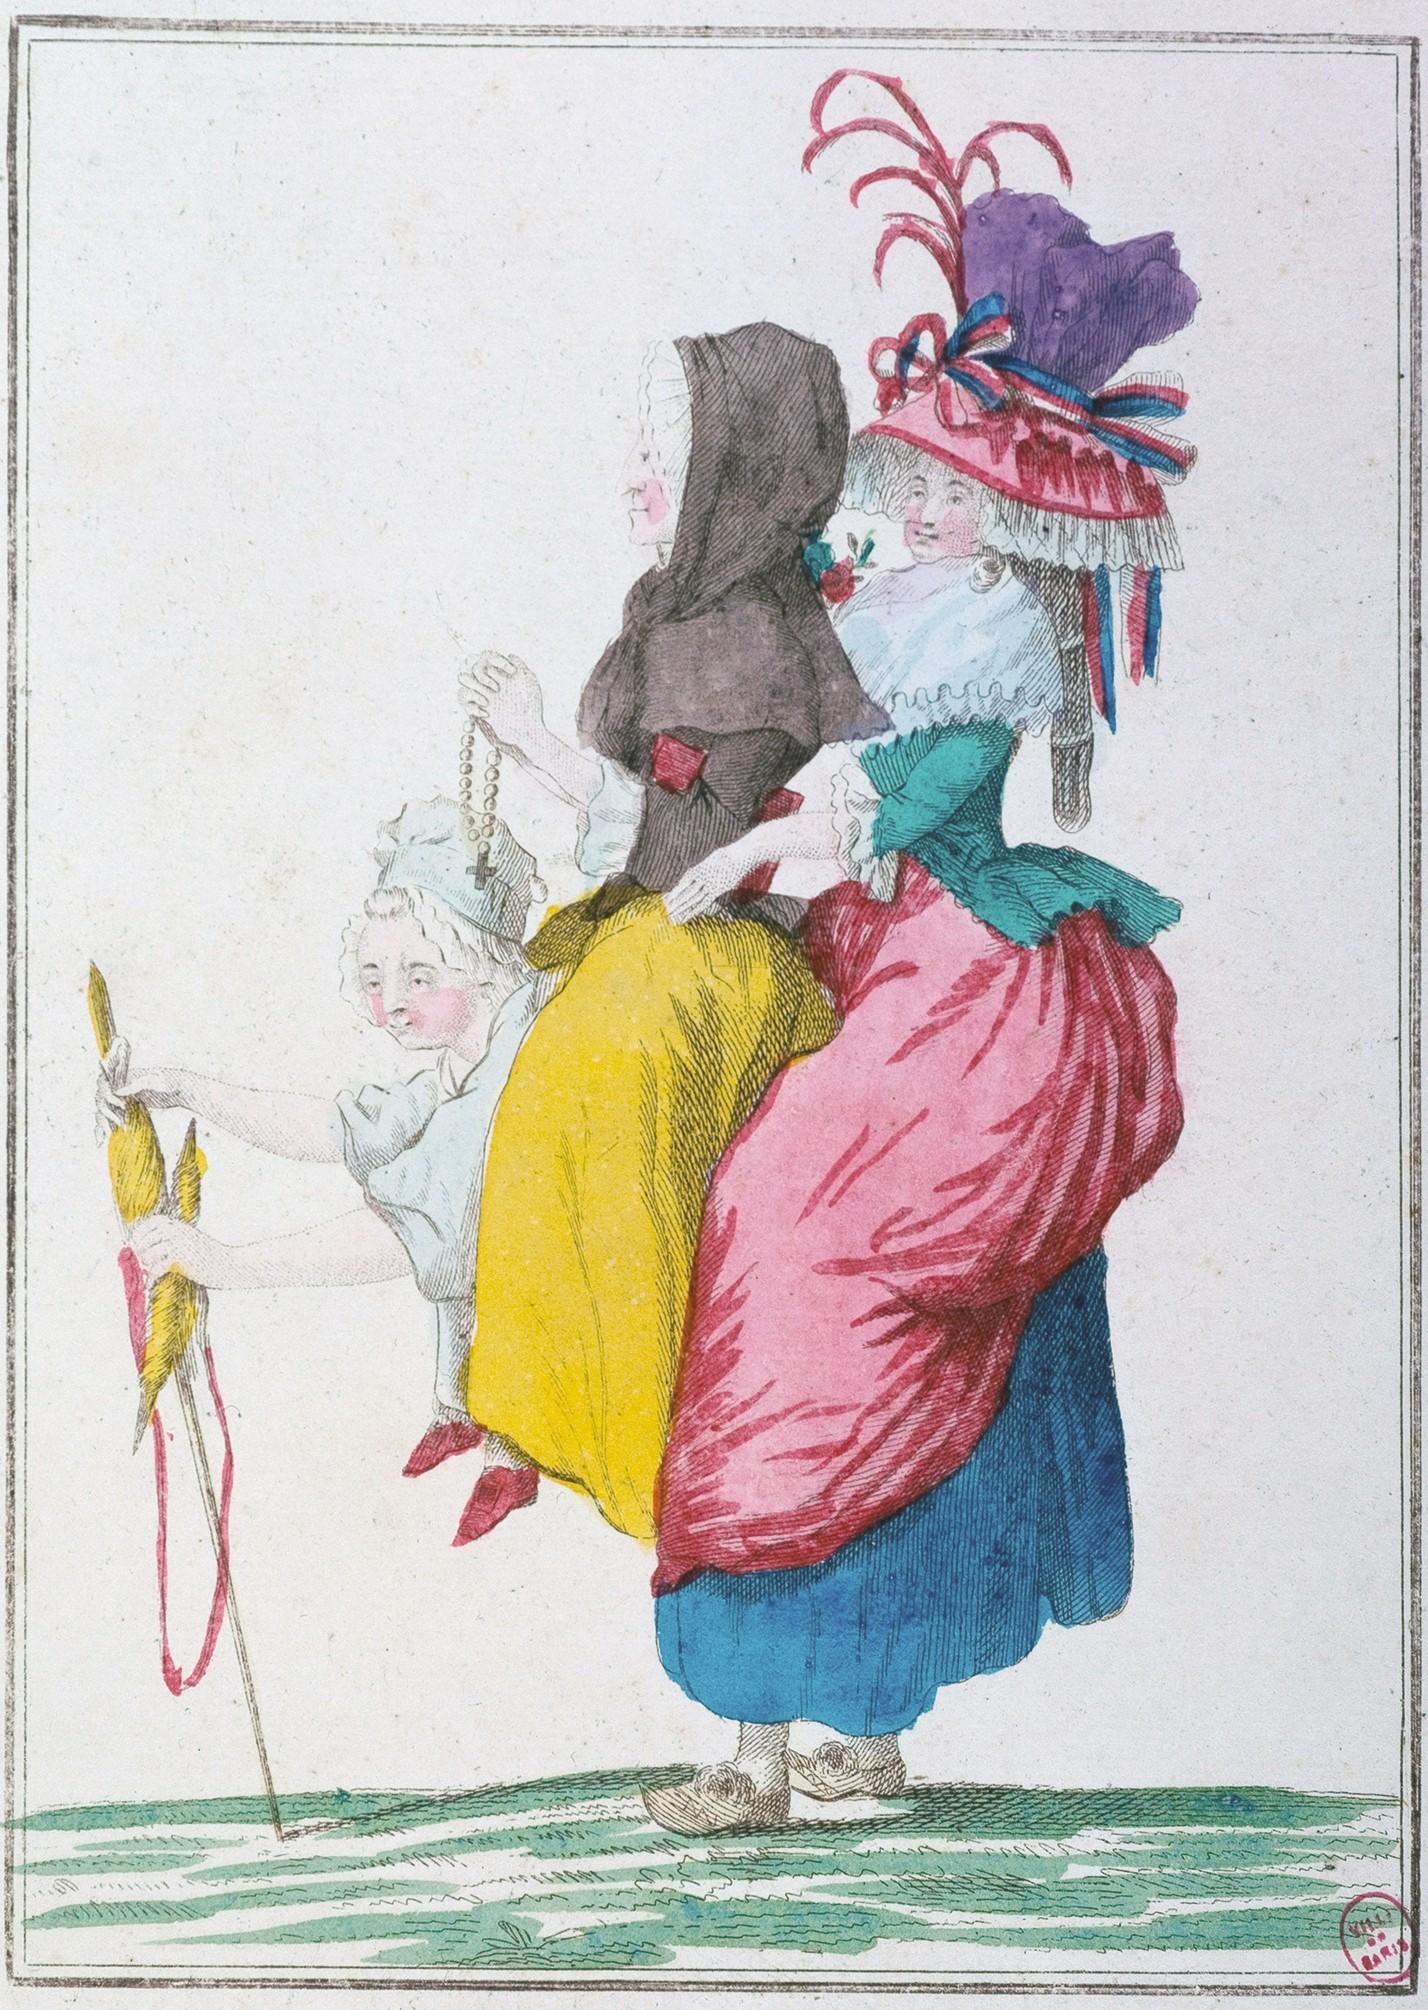 Anonyme, Caricature sur les trois ordres en femmes : le tiers état portant sur son dos le Clergé et la Noblesse, 1789, estampe coloriée, musée Carnavalet, Paris.